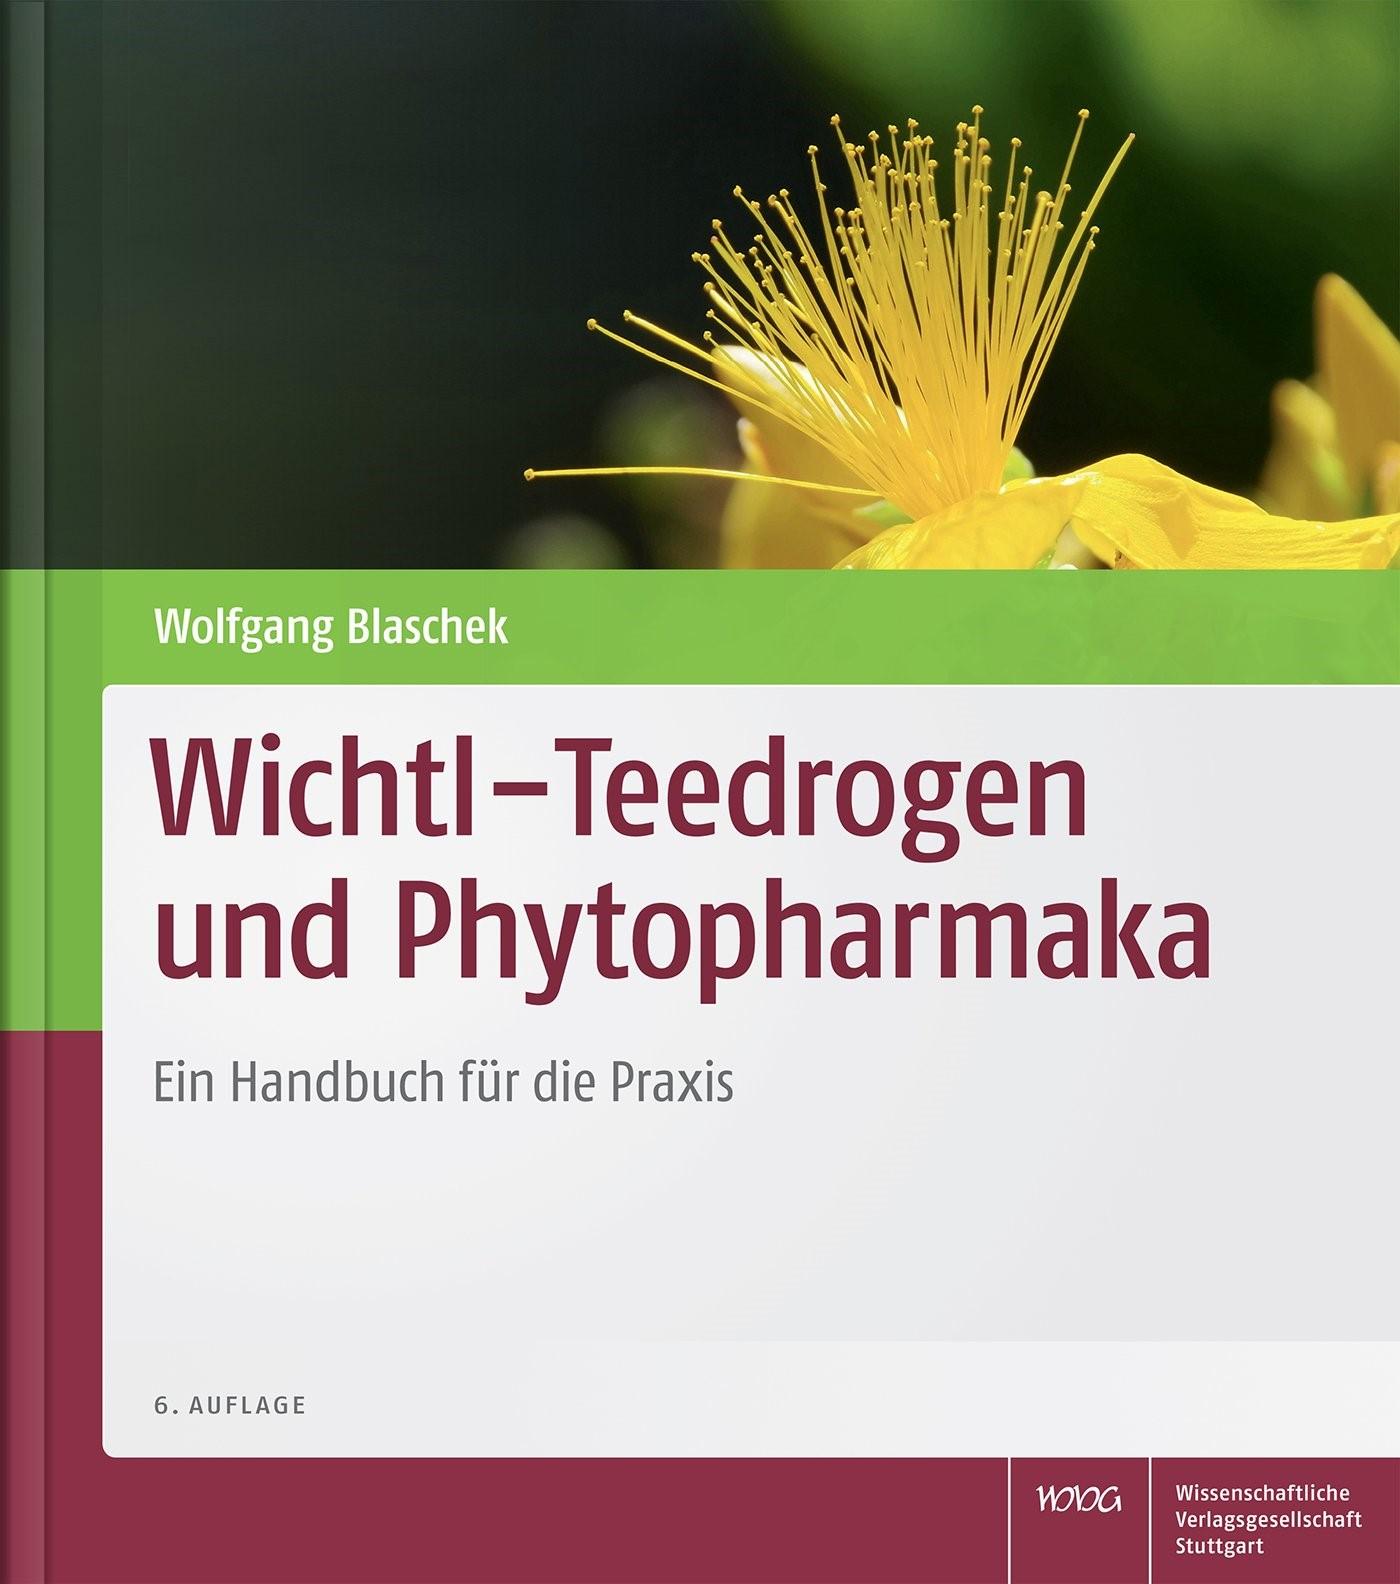 Wichtl – Teedrogen und Phytopharmaka | Wichtl / Blaschek | 6., vollständig neu bearbeitete und erweiterte Auflage, 2015 | Buch (Cover)